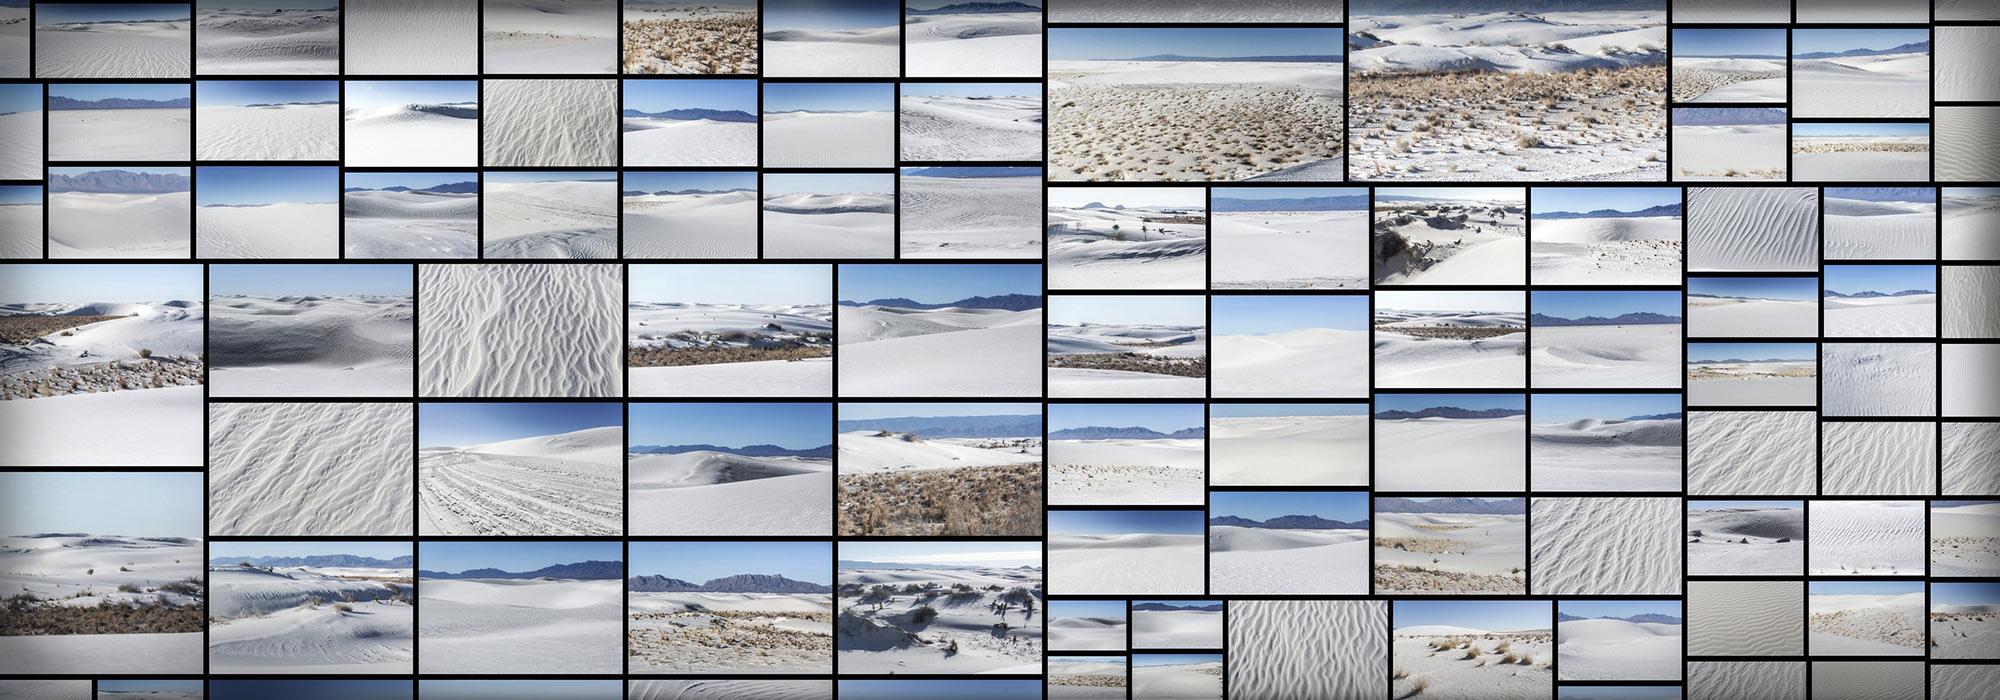 White Desert Desolate Wasteland